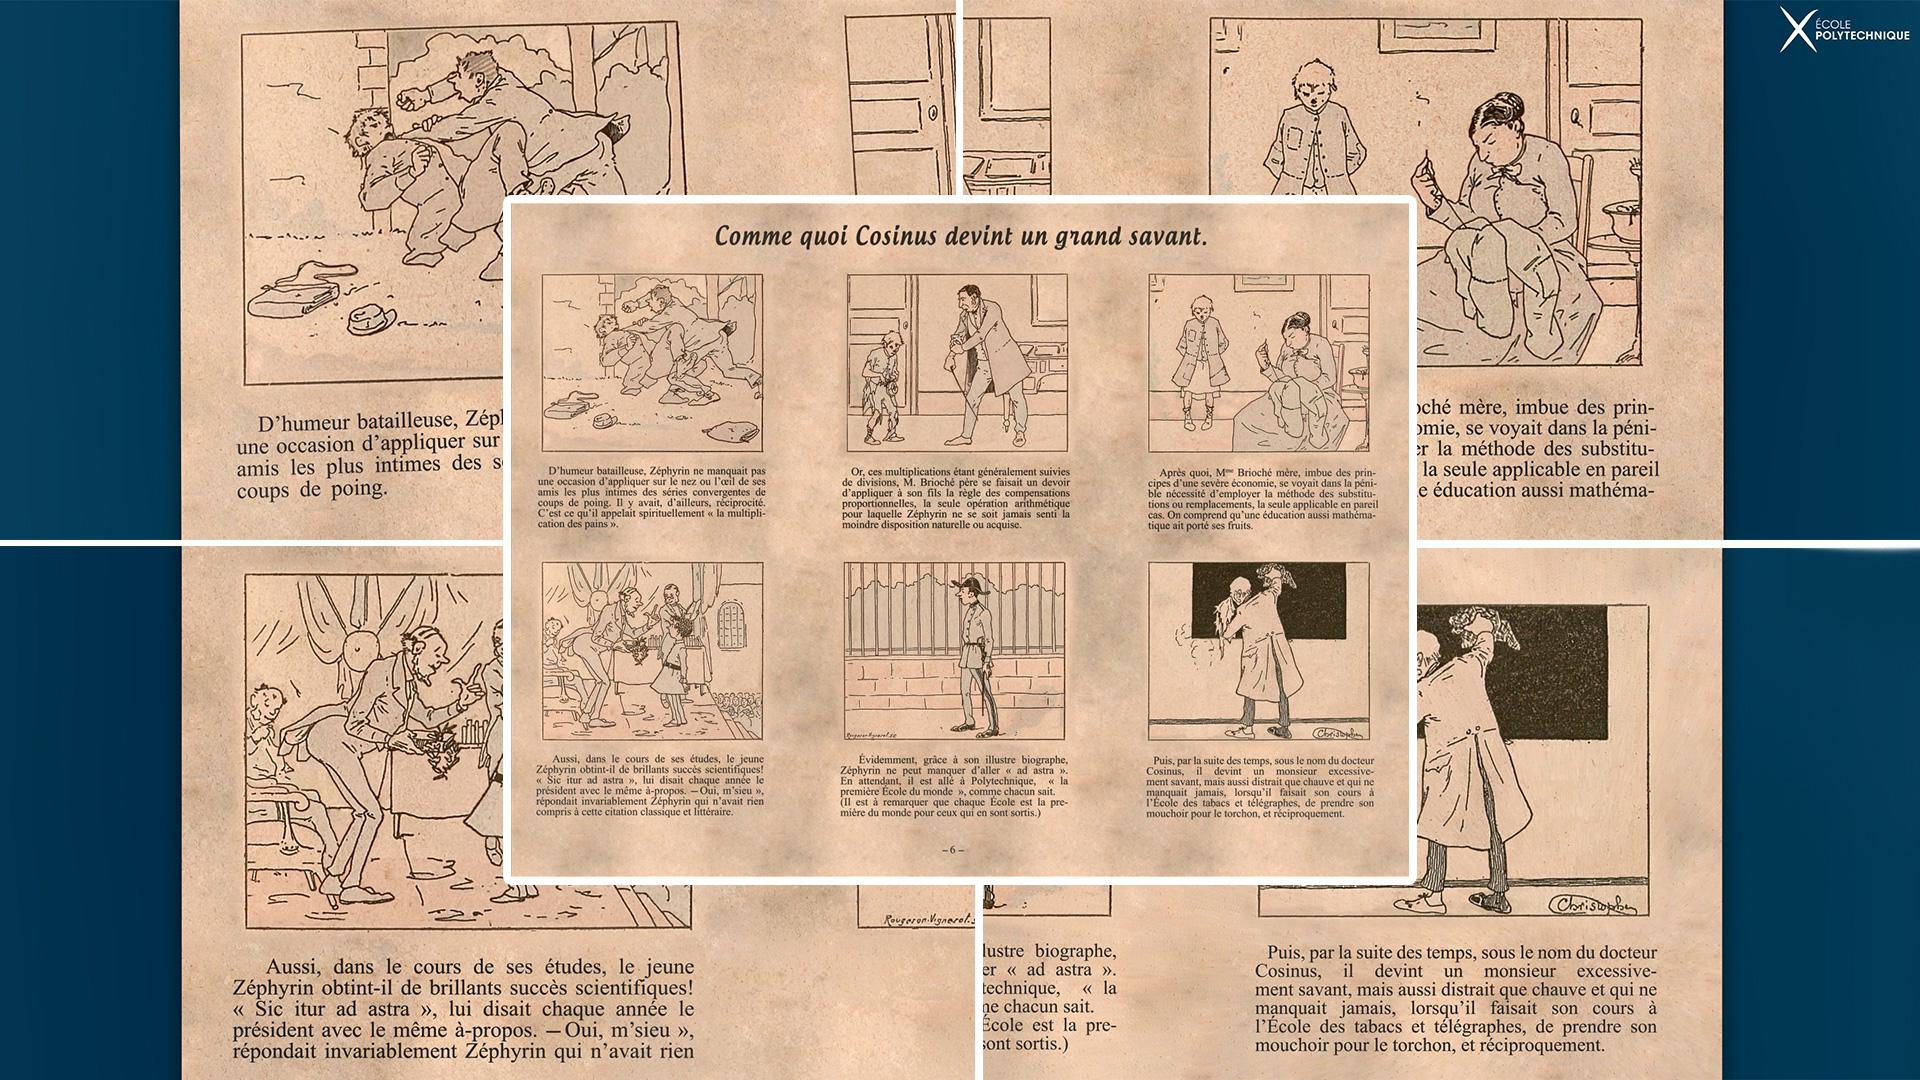 MusX Ecole Polytechnique - Exposition temporaire 2020 2021 - illustrations de la bande dessinée animée Cosinus